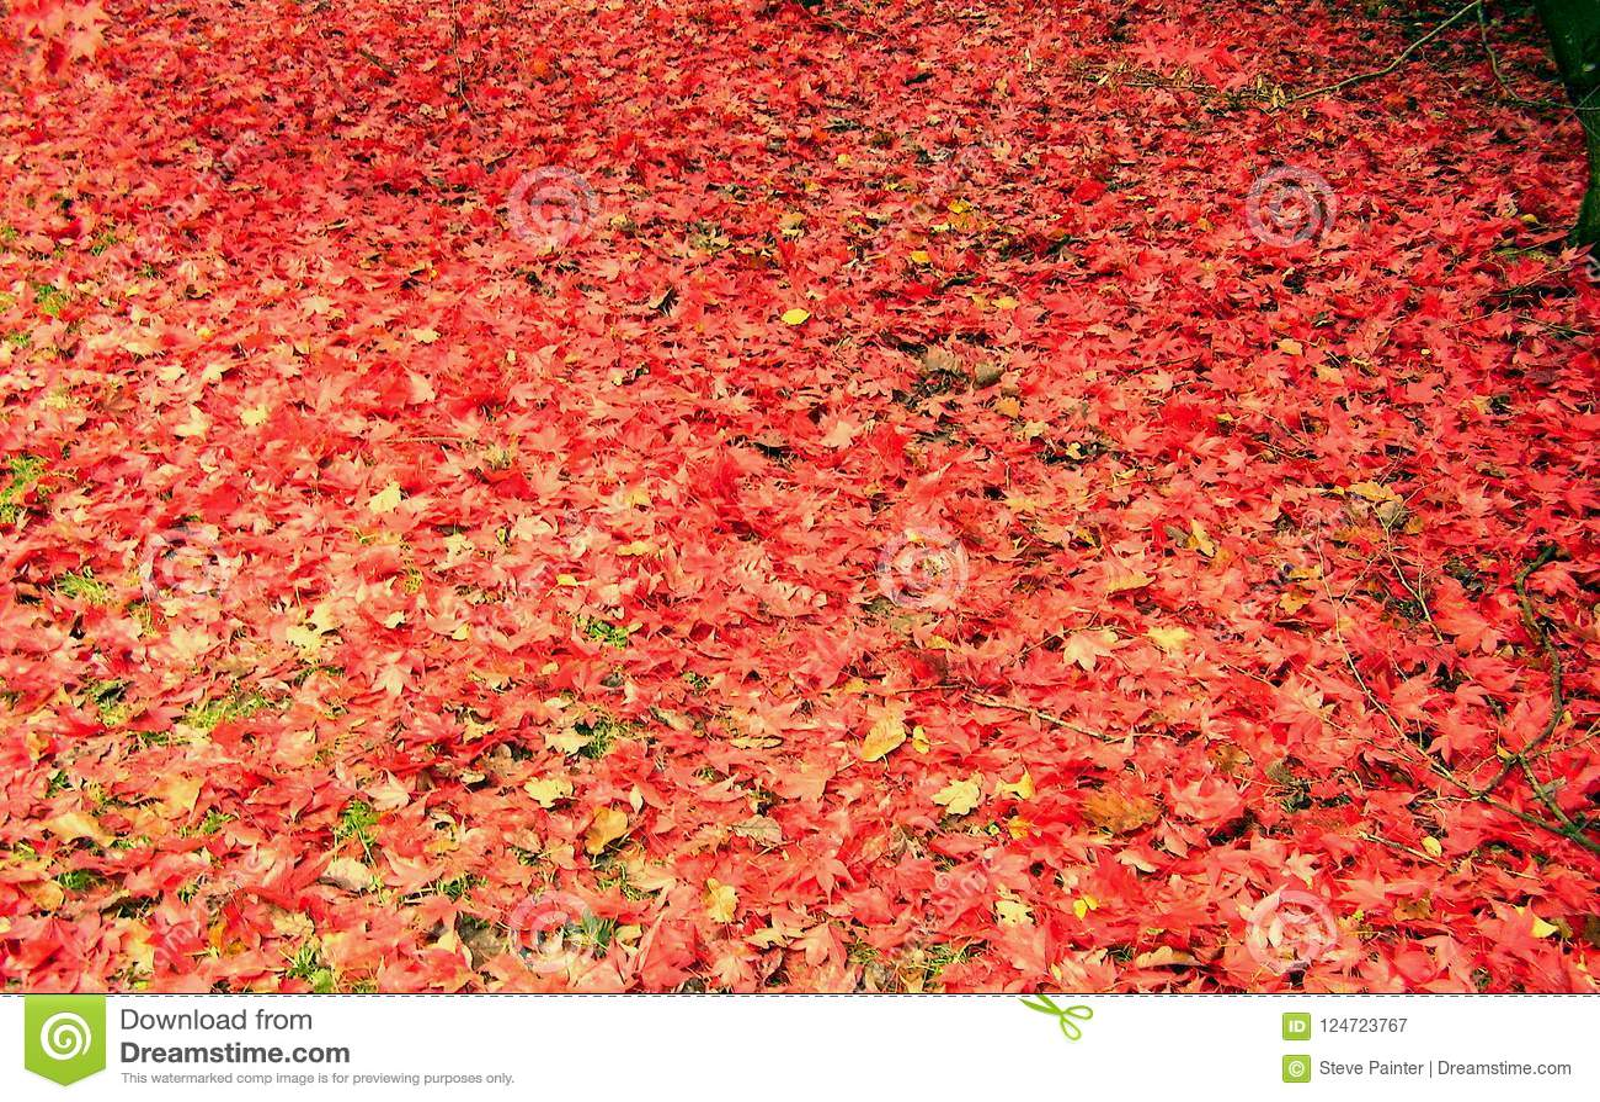 Belle couleur d automne des feuilles d érable